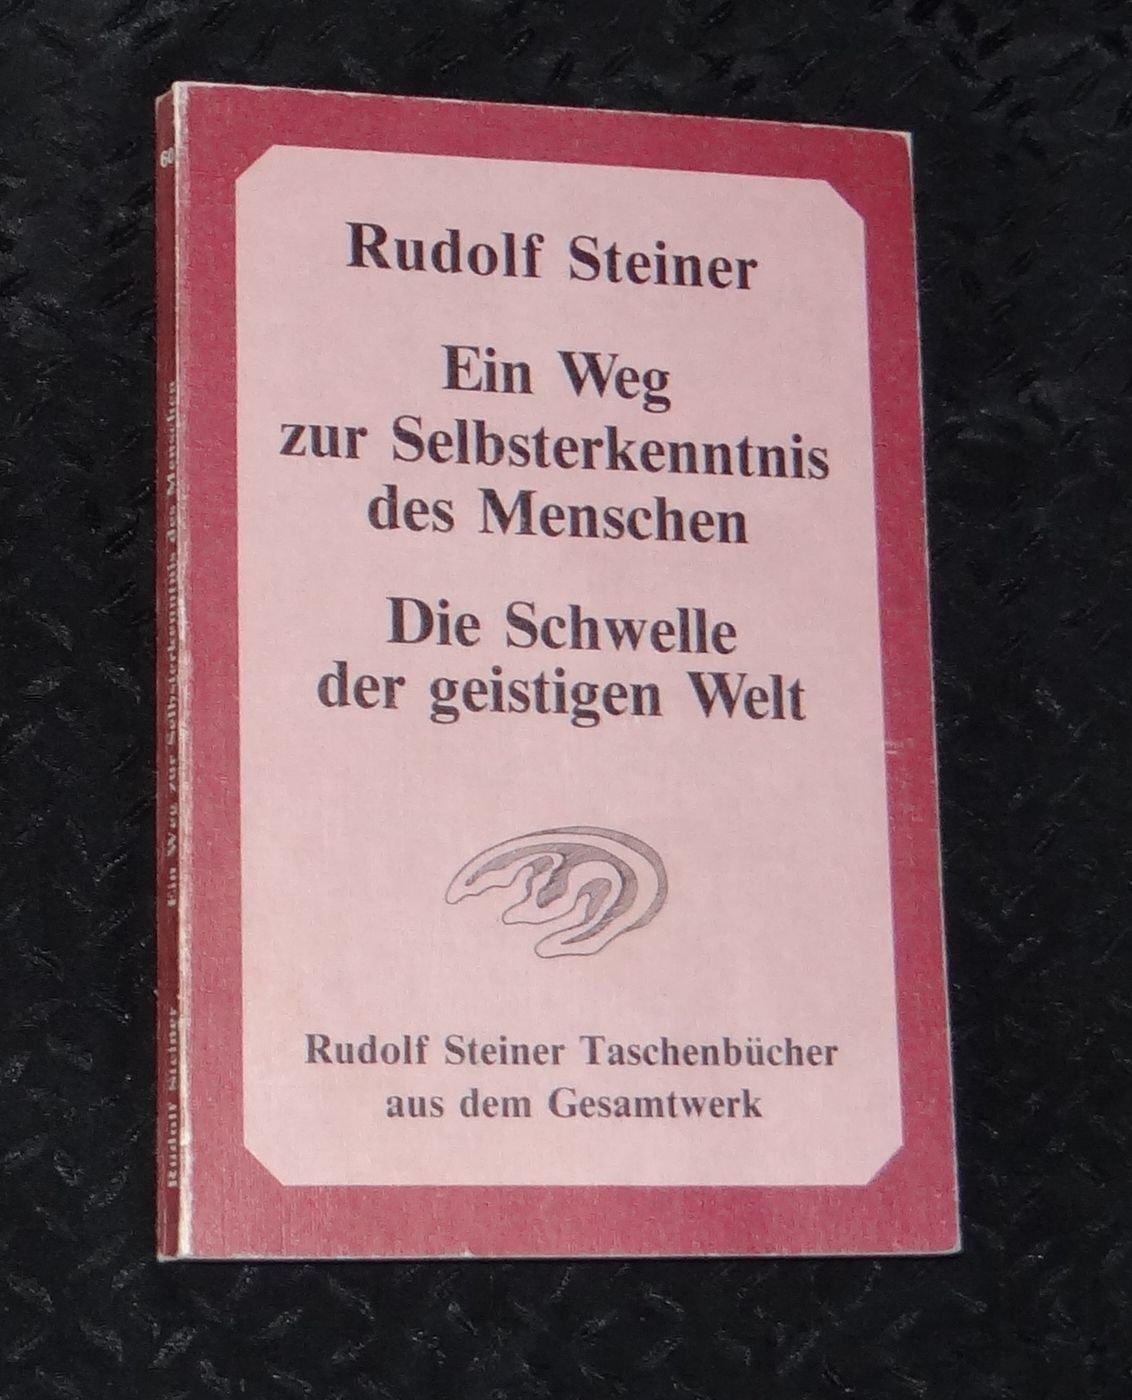 Ein Weg zur Selbsterkenntnis des Menschen / Die Schwelle der geistigen Welt.